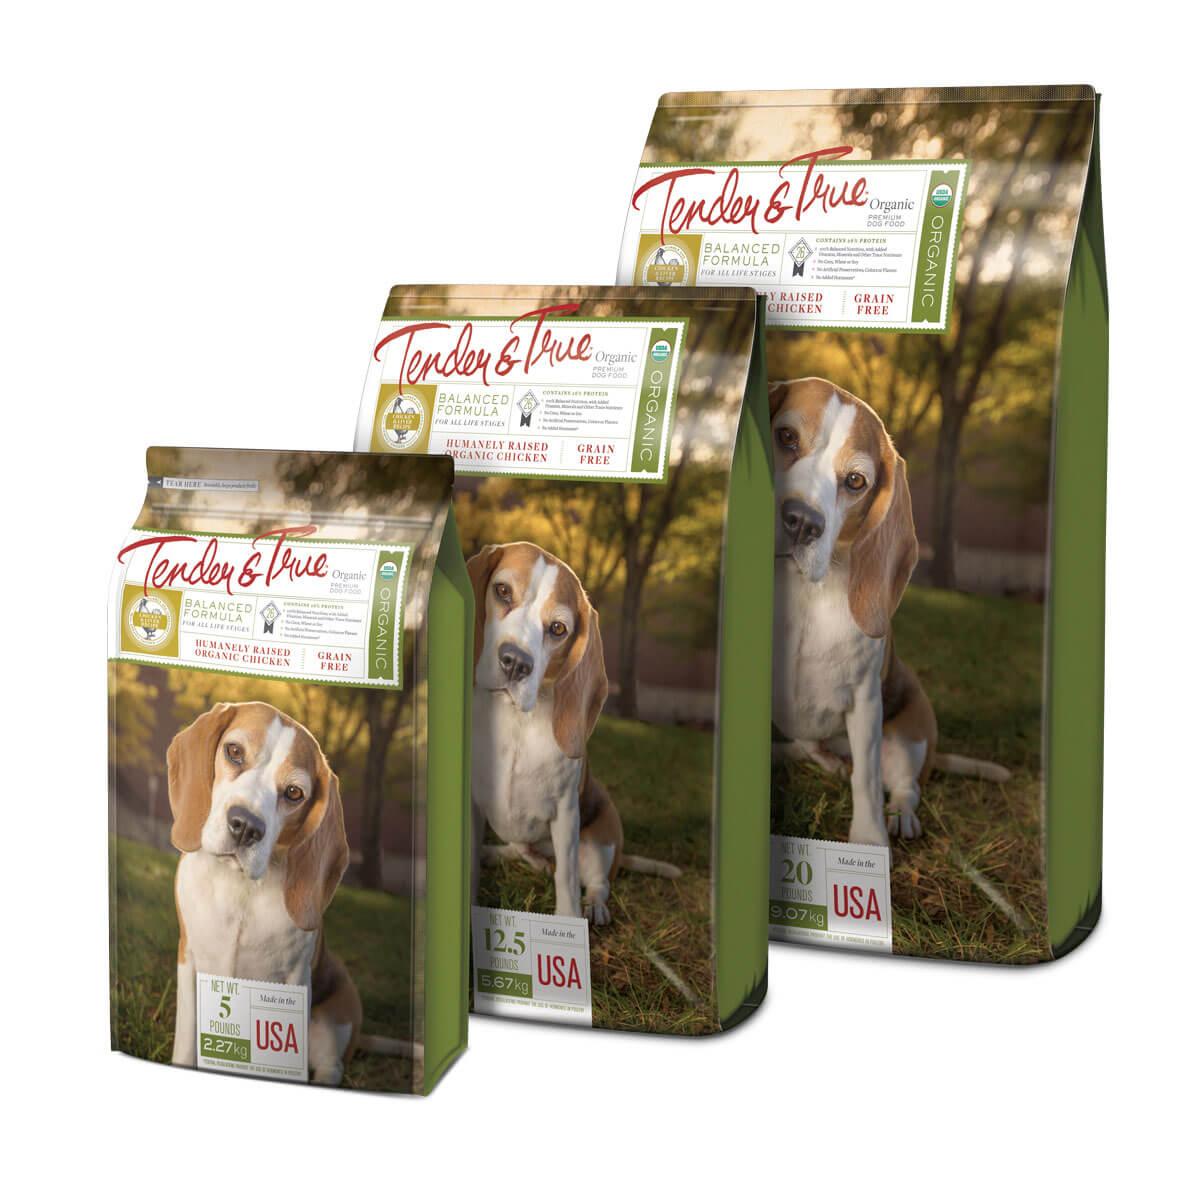 Pet Food Packaging Hero Image